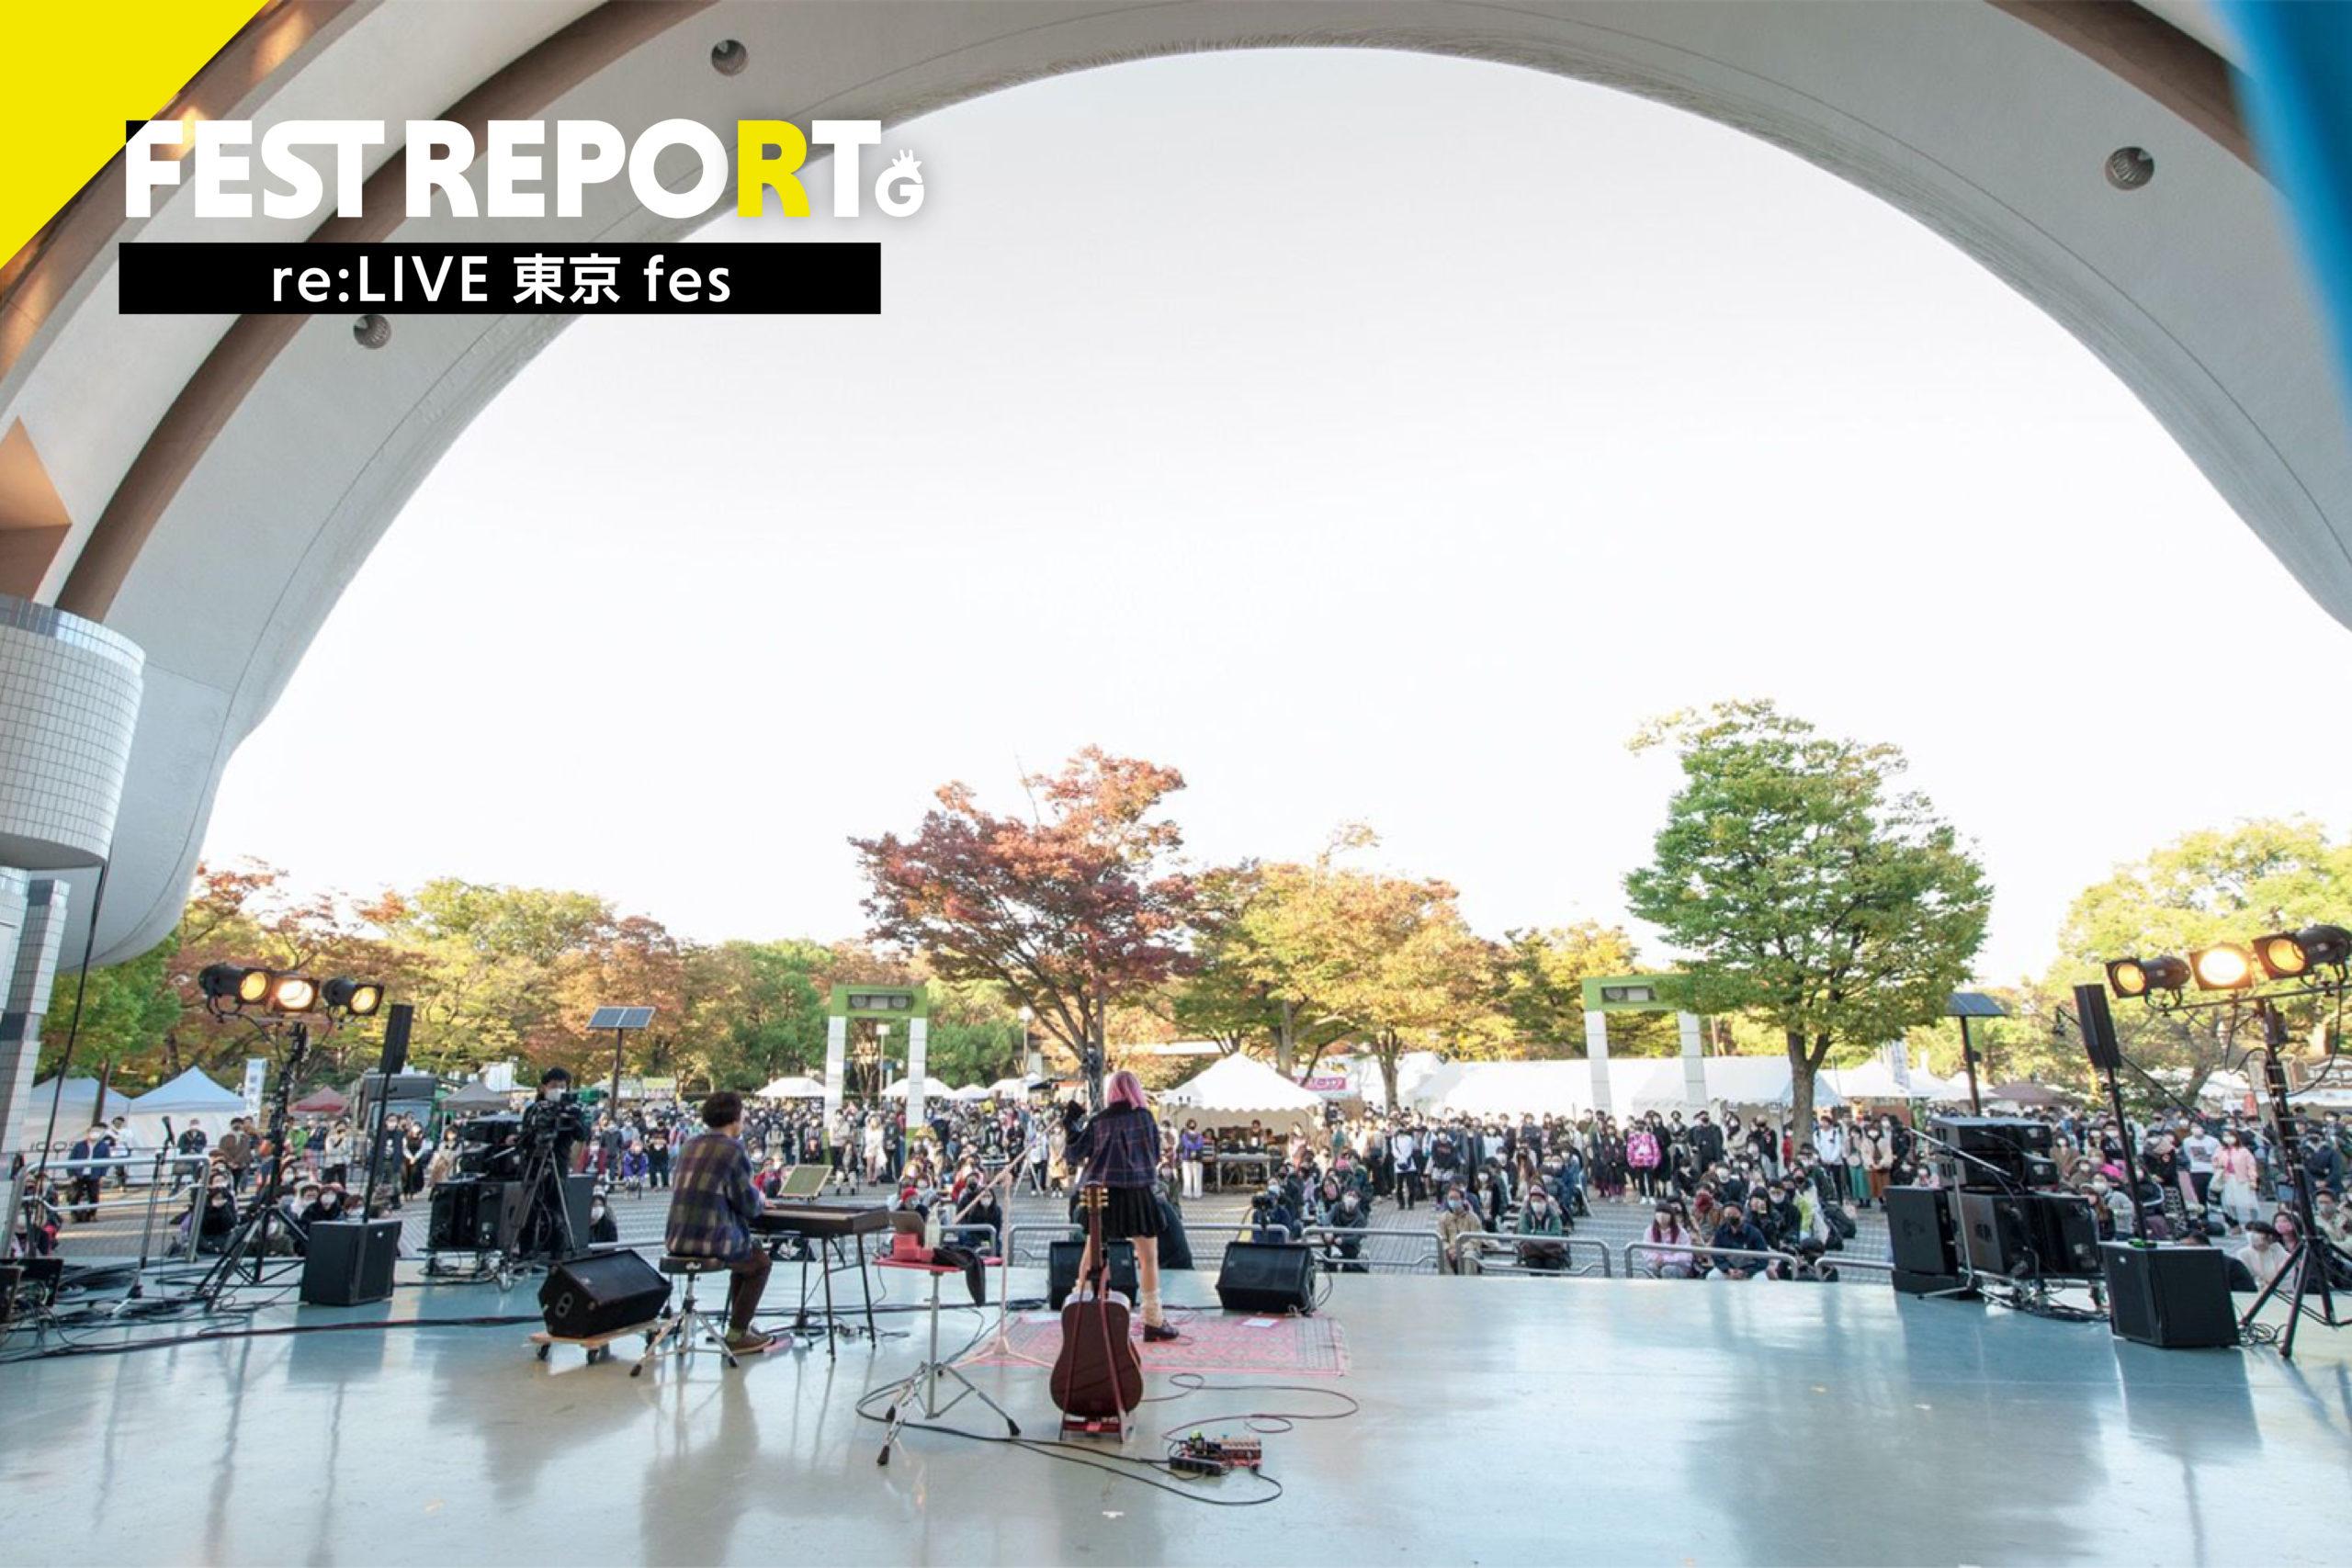 """「【re:LIVE 東京 fes / earth garden """"秋"""" 2020】コロナ禍のトライアルフェスとして開催された代々木公園2days」のアイキャッチ画像"""